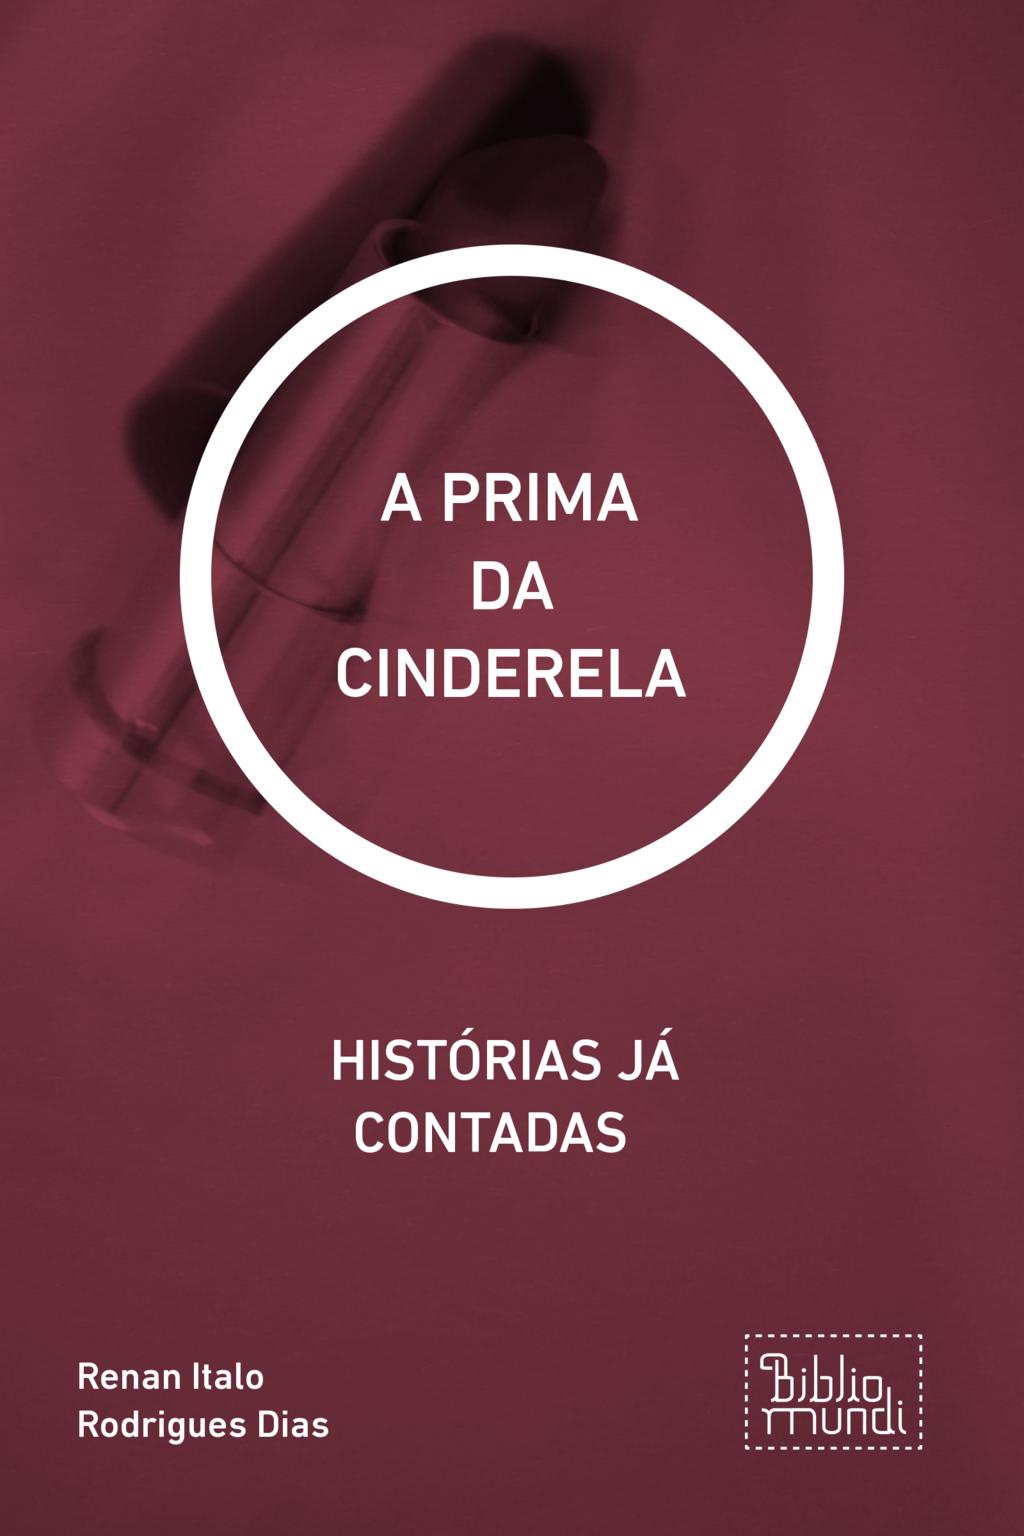 A PRIMA DA CINDERELA